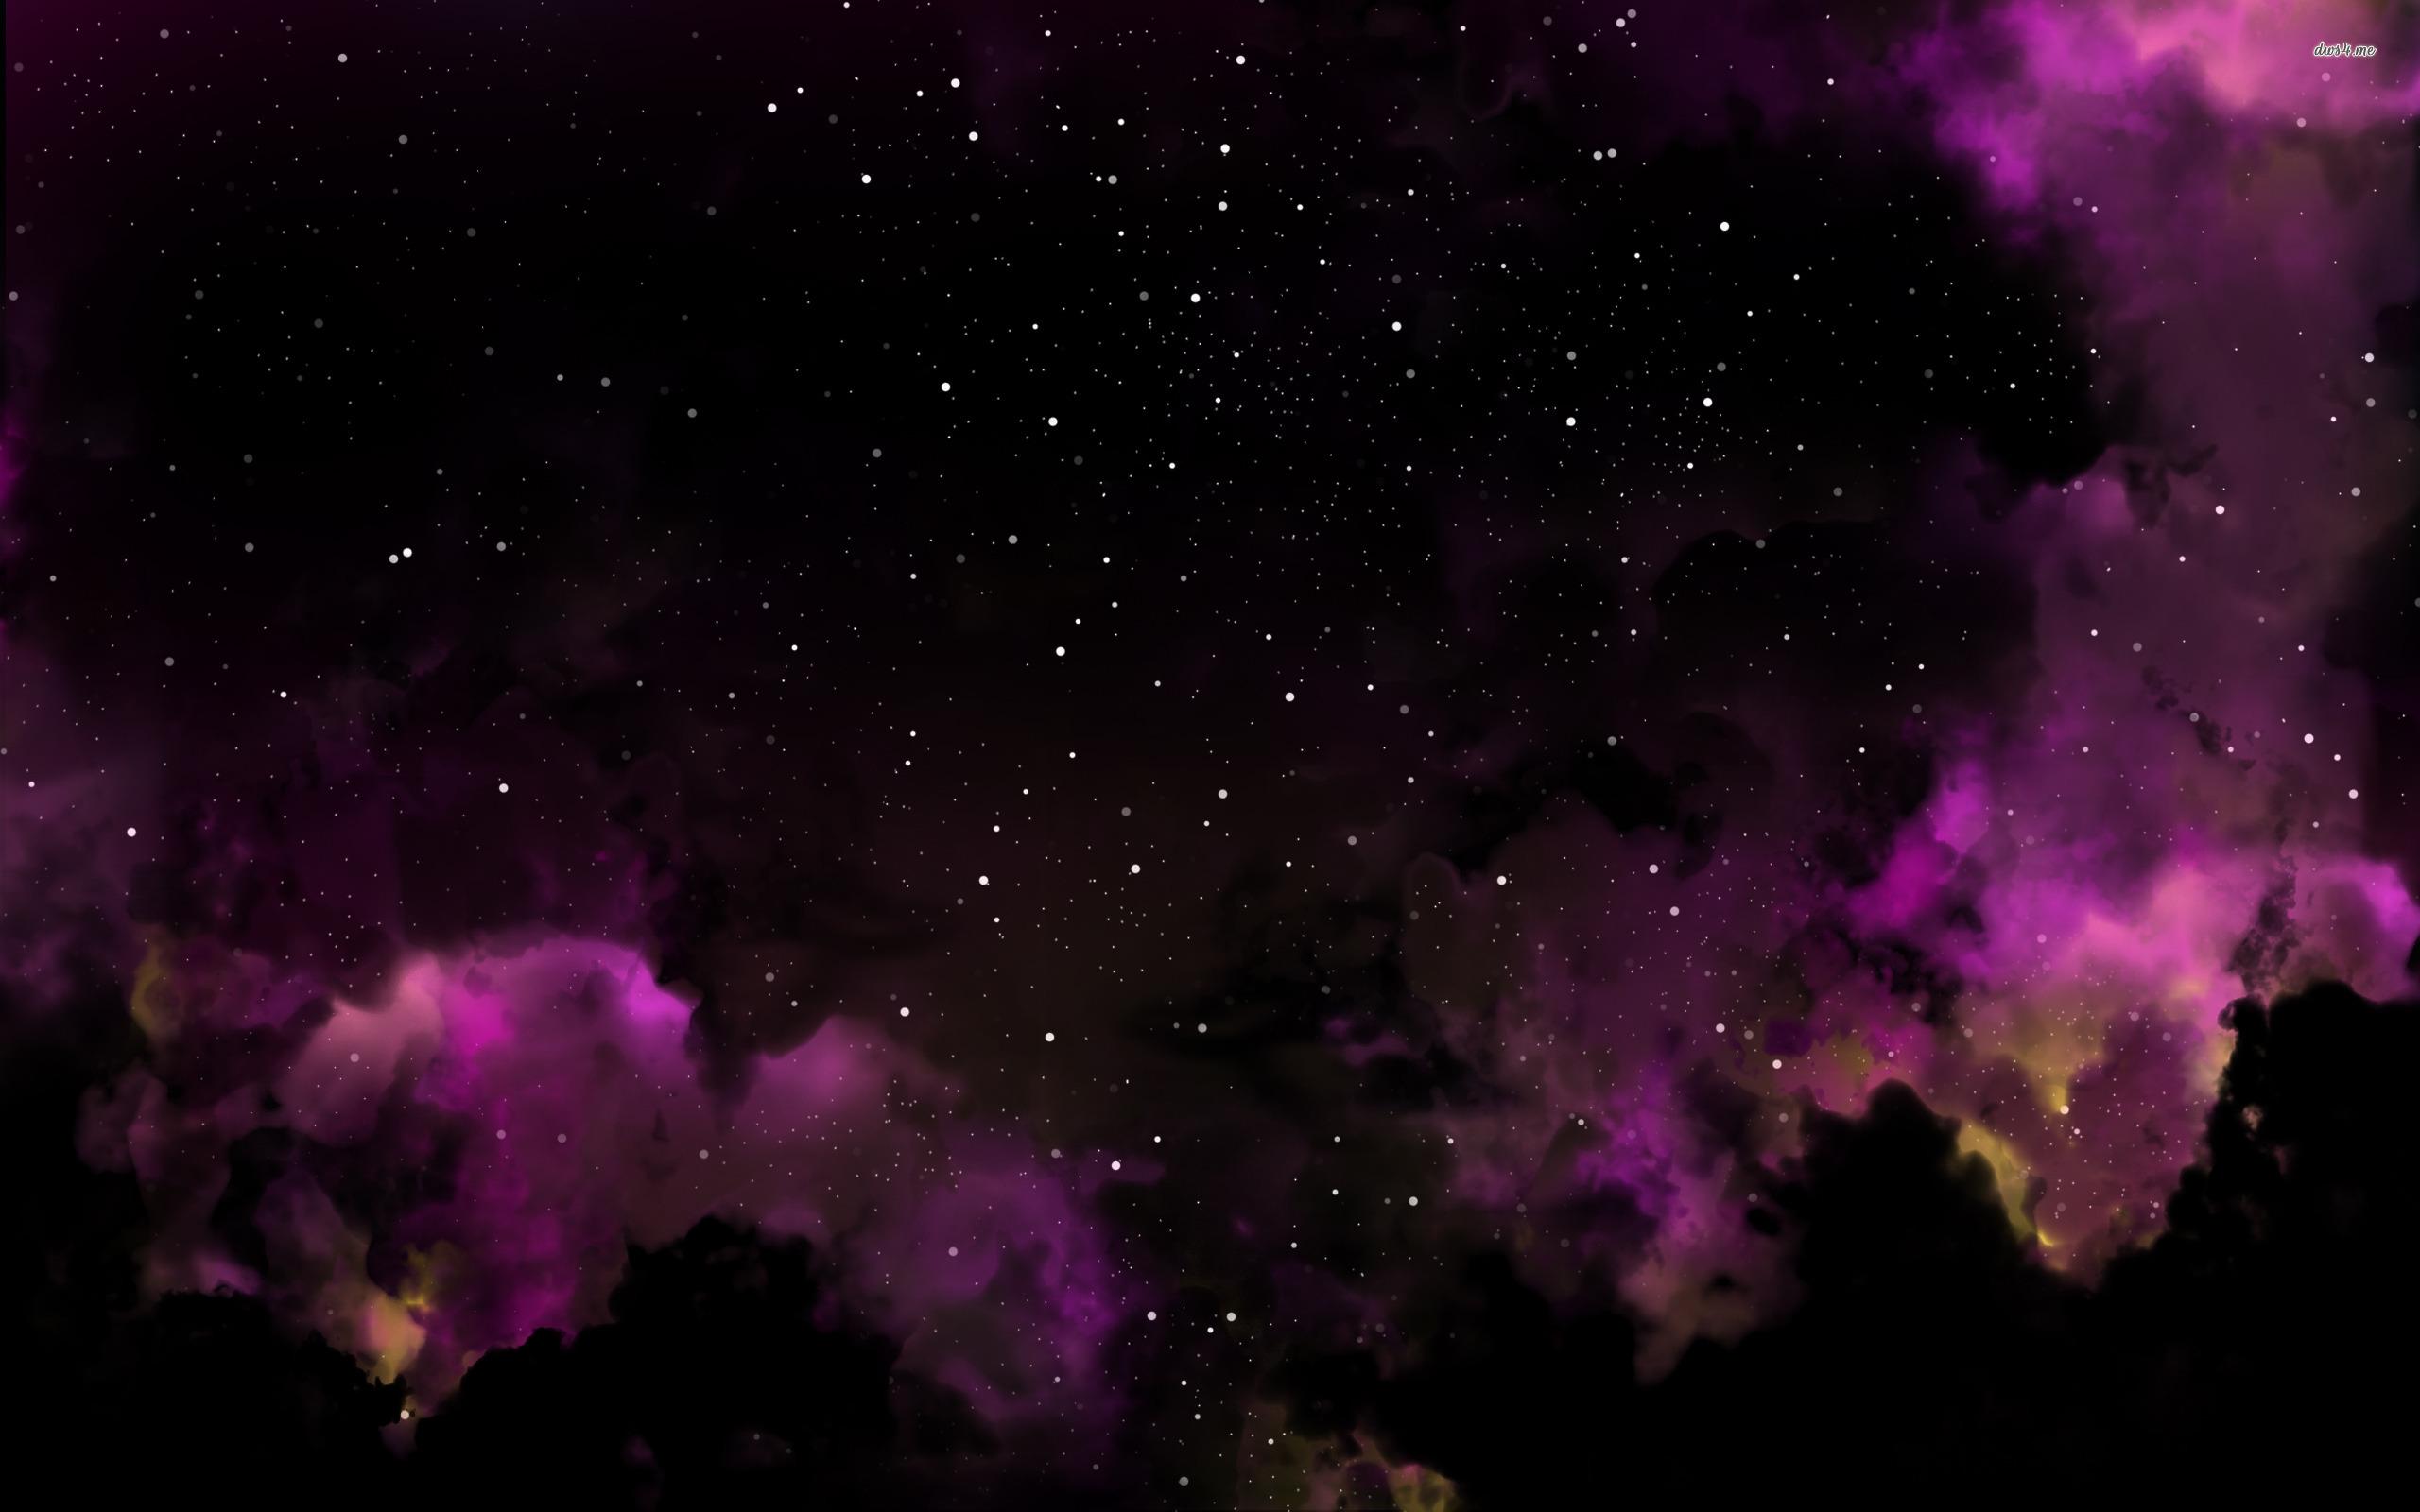 purple nebula wallpaper - photo #24